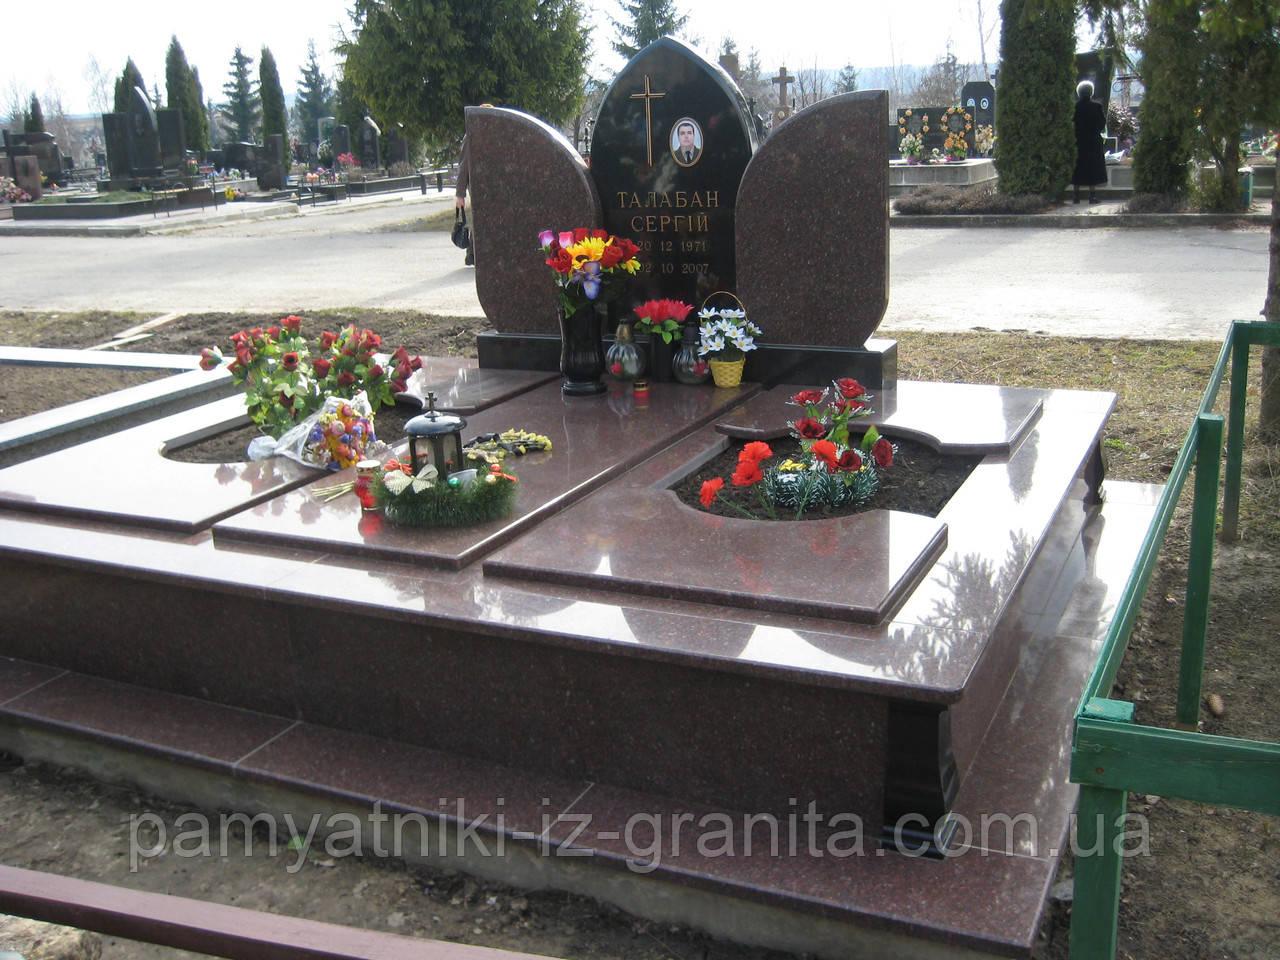 Памятник в виде цветка № 23